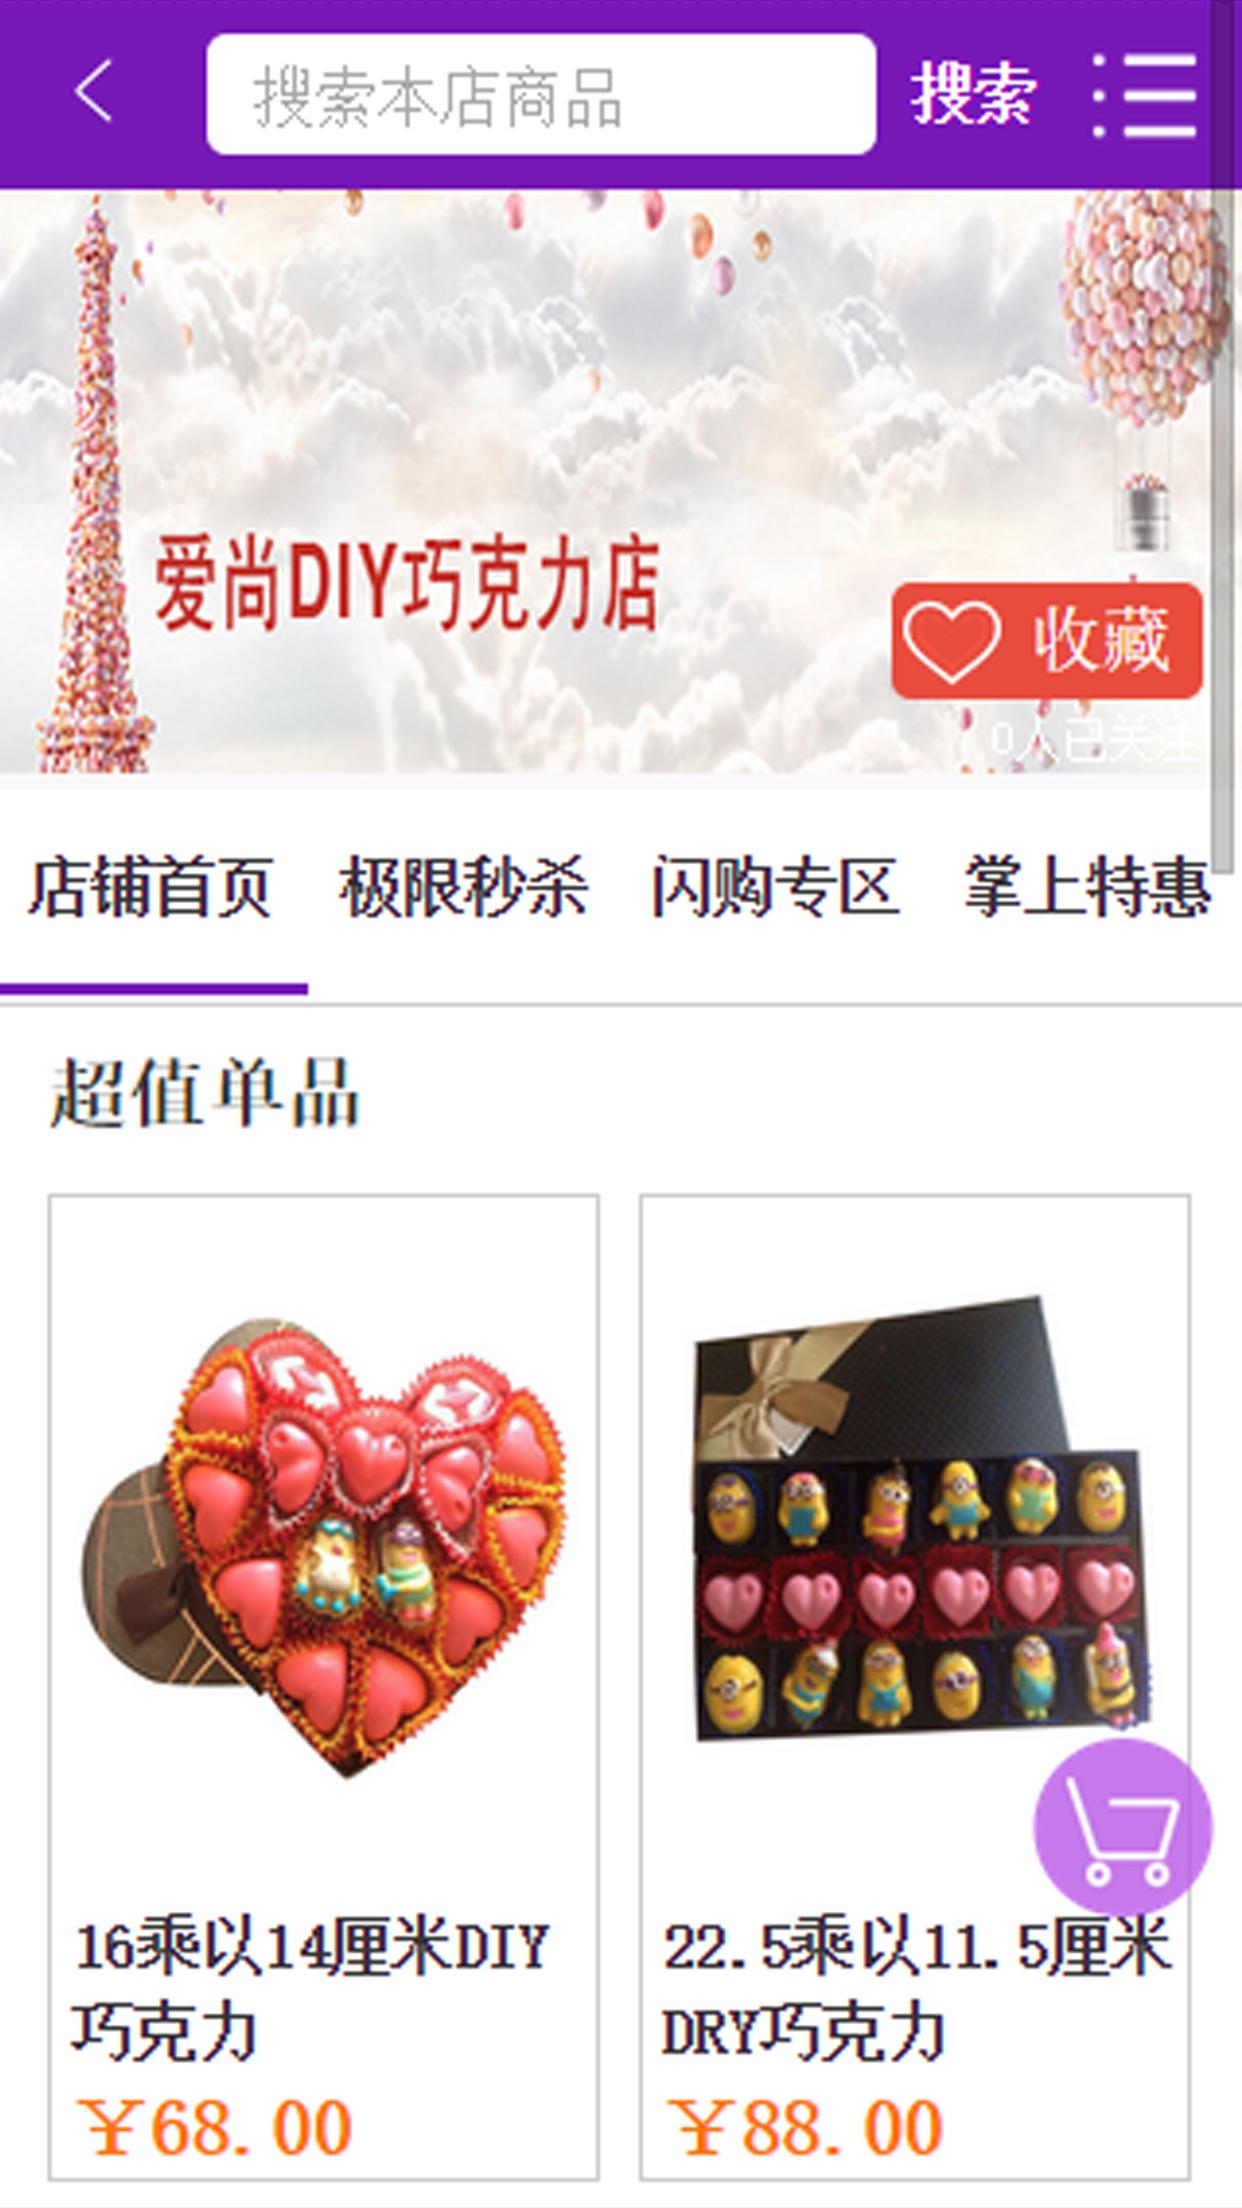 爱尚DIY巧克力店